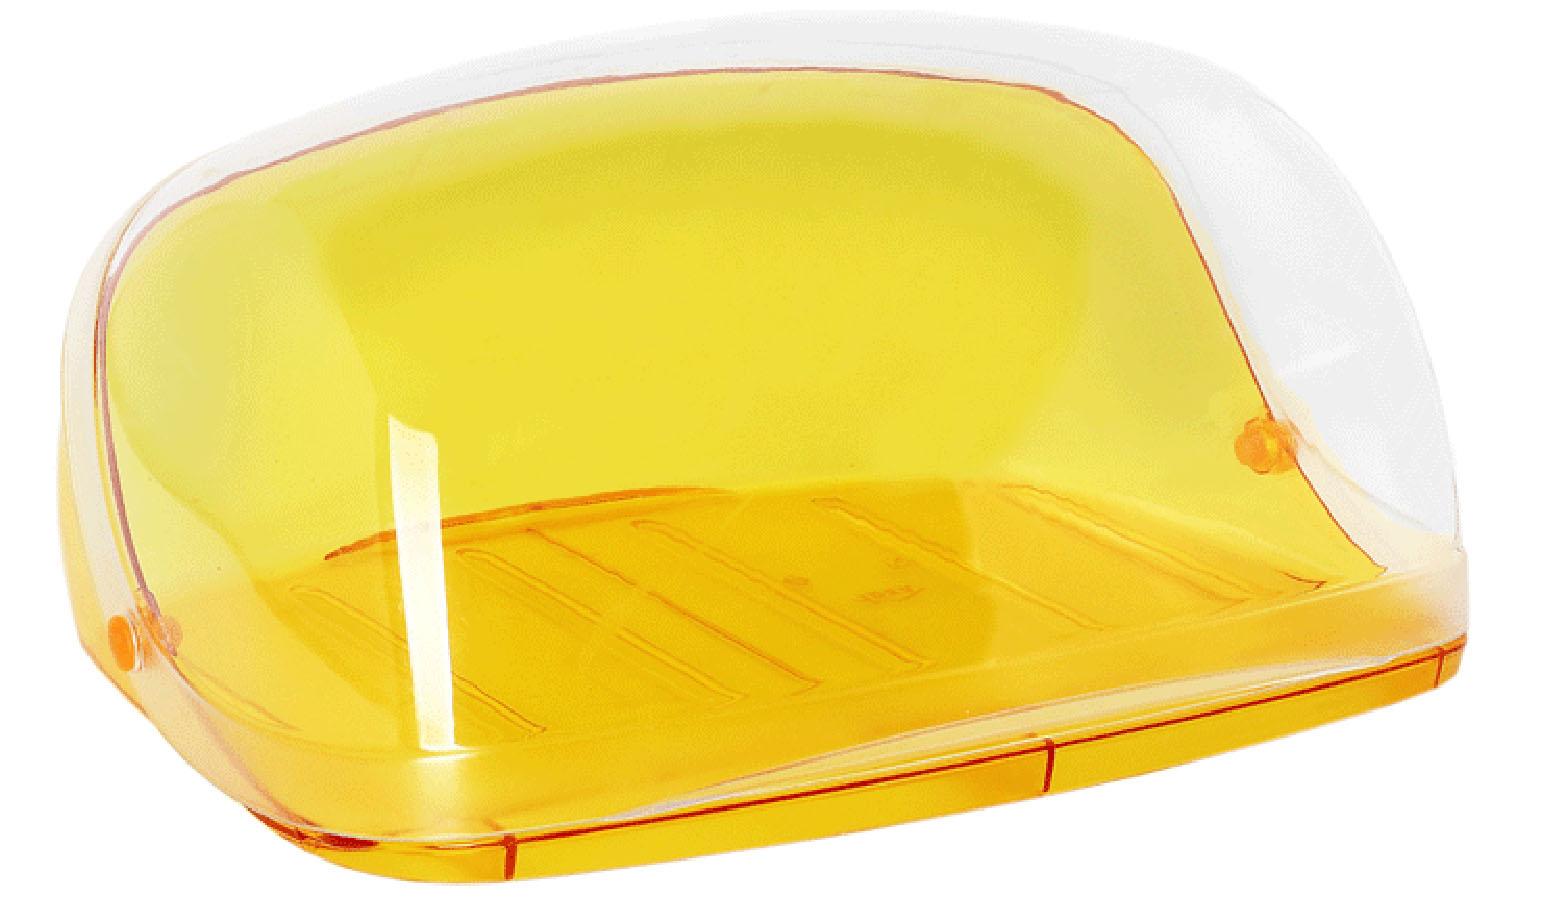 Хлебница Idea Кристалл, цвет: оранжевый, прозрачный, 40 х 29 х 16 смVT-1520(SR)Хлебница Idea Кристалл, изготовленная из пищевого пластика, обеспечивает идеальные условия хранения для различных видов хлебобулочных изделий, надолго сохраняя их свежесть. Изделие оснащено плотно закрывающейся крышкой, защищающей продукты от воздействия внешних факторов (запахов и влаги).Вместительность, функциональность и стильный дизайн позволят хлебнице стать не только незаменимым аксессуаром на кухне, но и предметом украшения интерьера. В ней хлеб всегда останется свежим и вкусным.